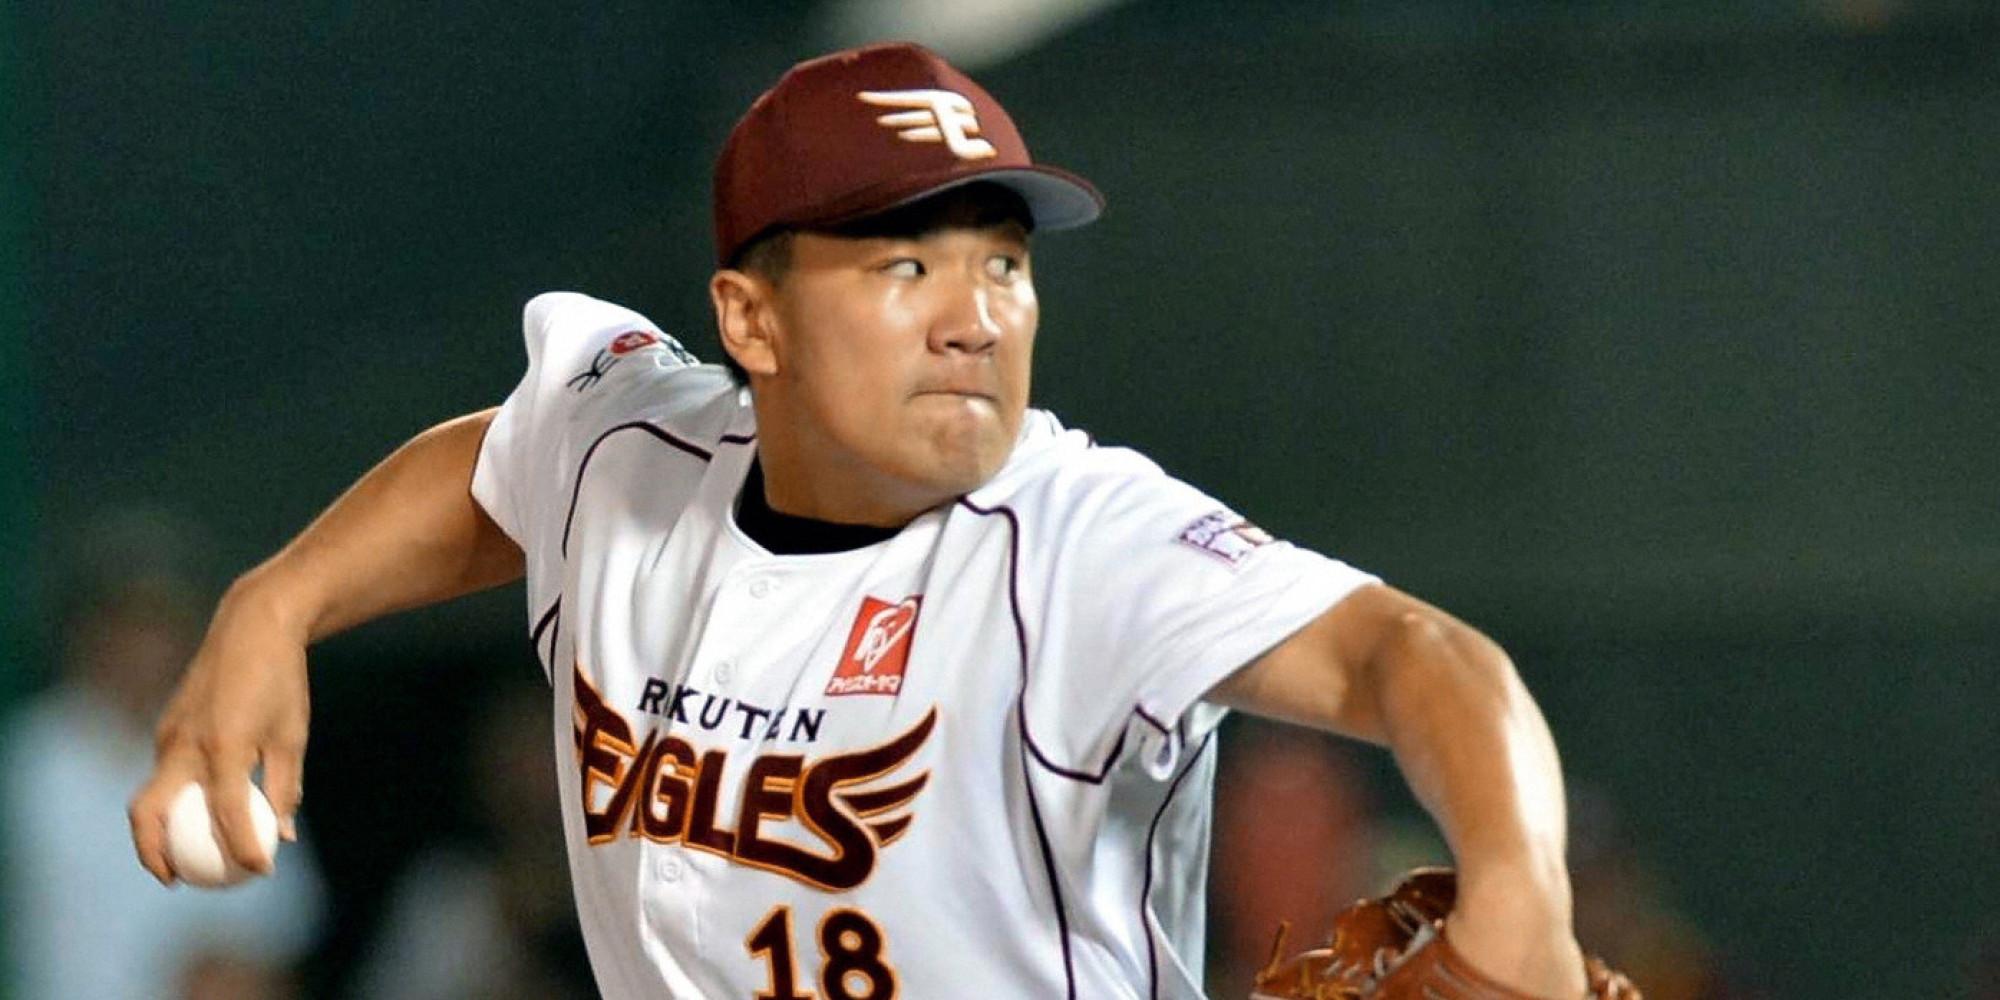 3-0 Tanaka volvió a lanzar una joya de pelota y Beltrán pegó jonrón